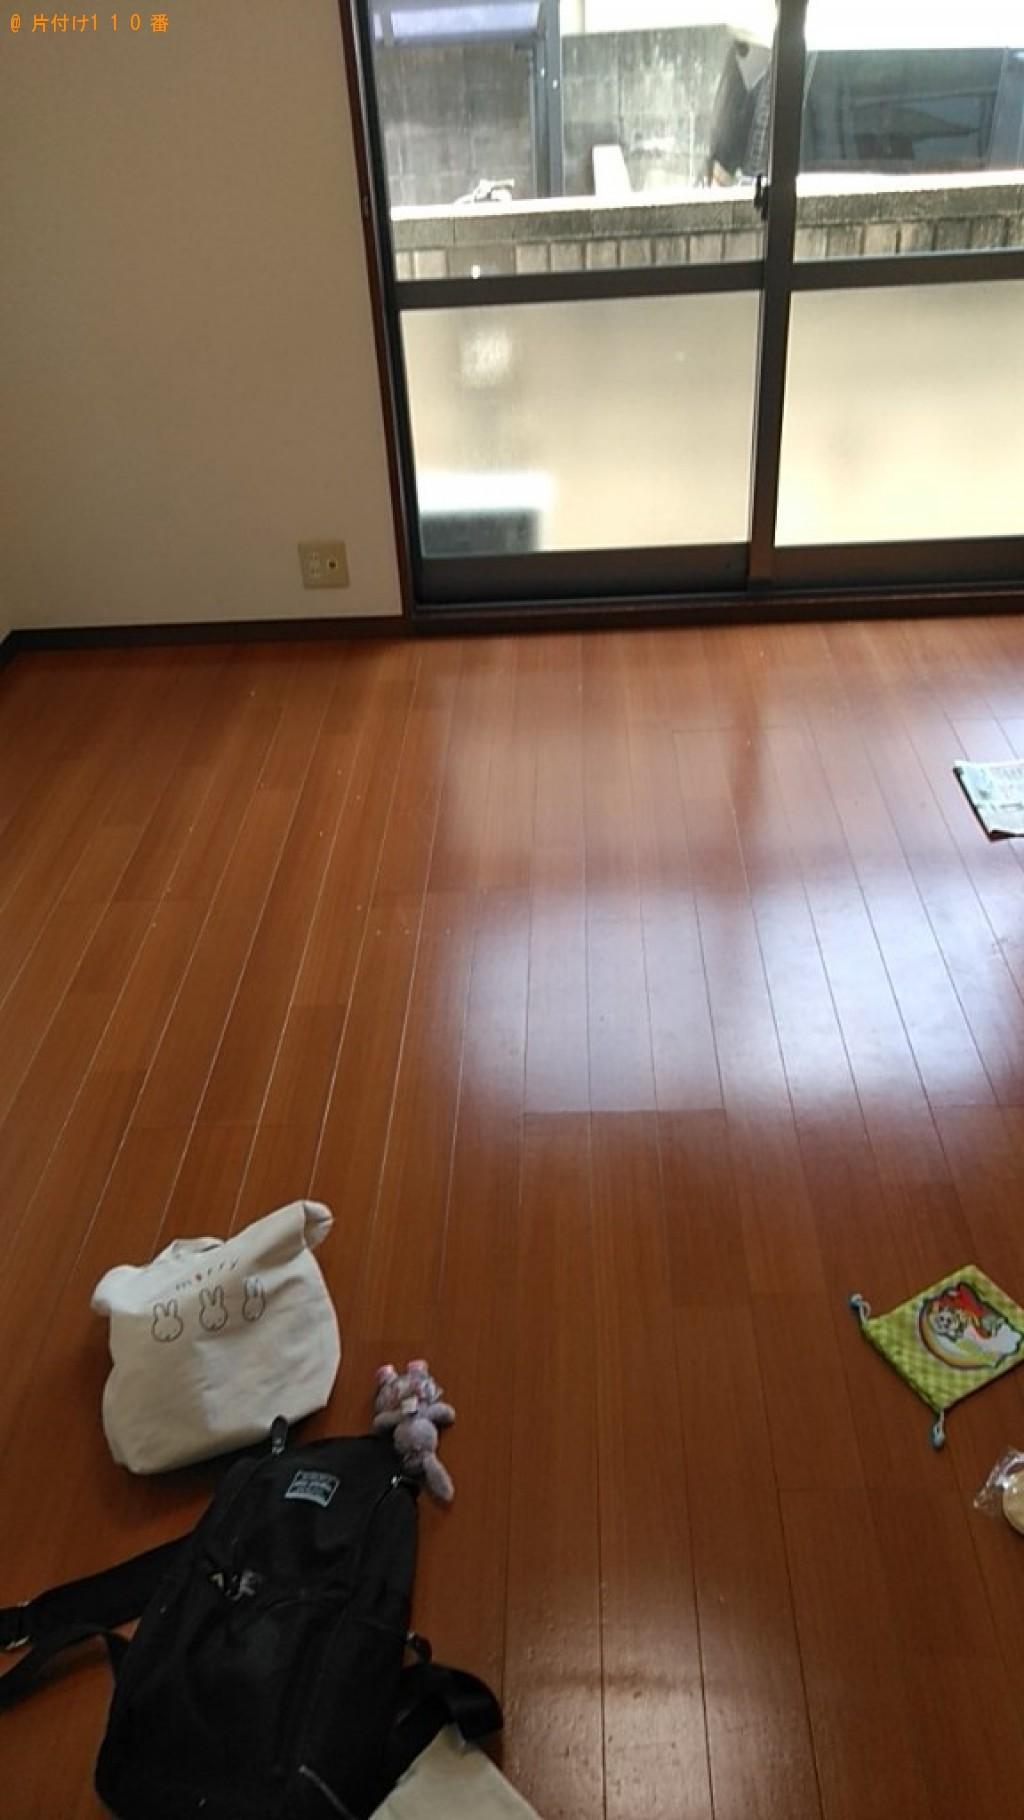 【仙台市】ソファー、扇風機、椅子等の回収・処分ご依頼 お客様の声